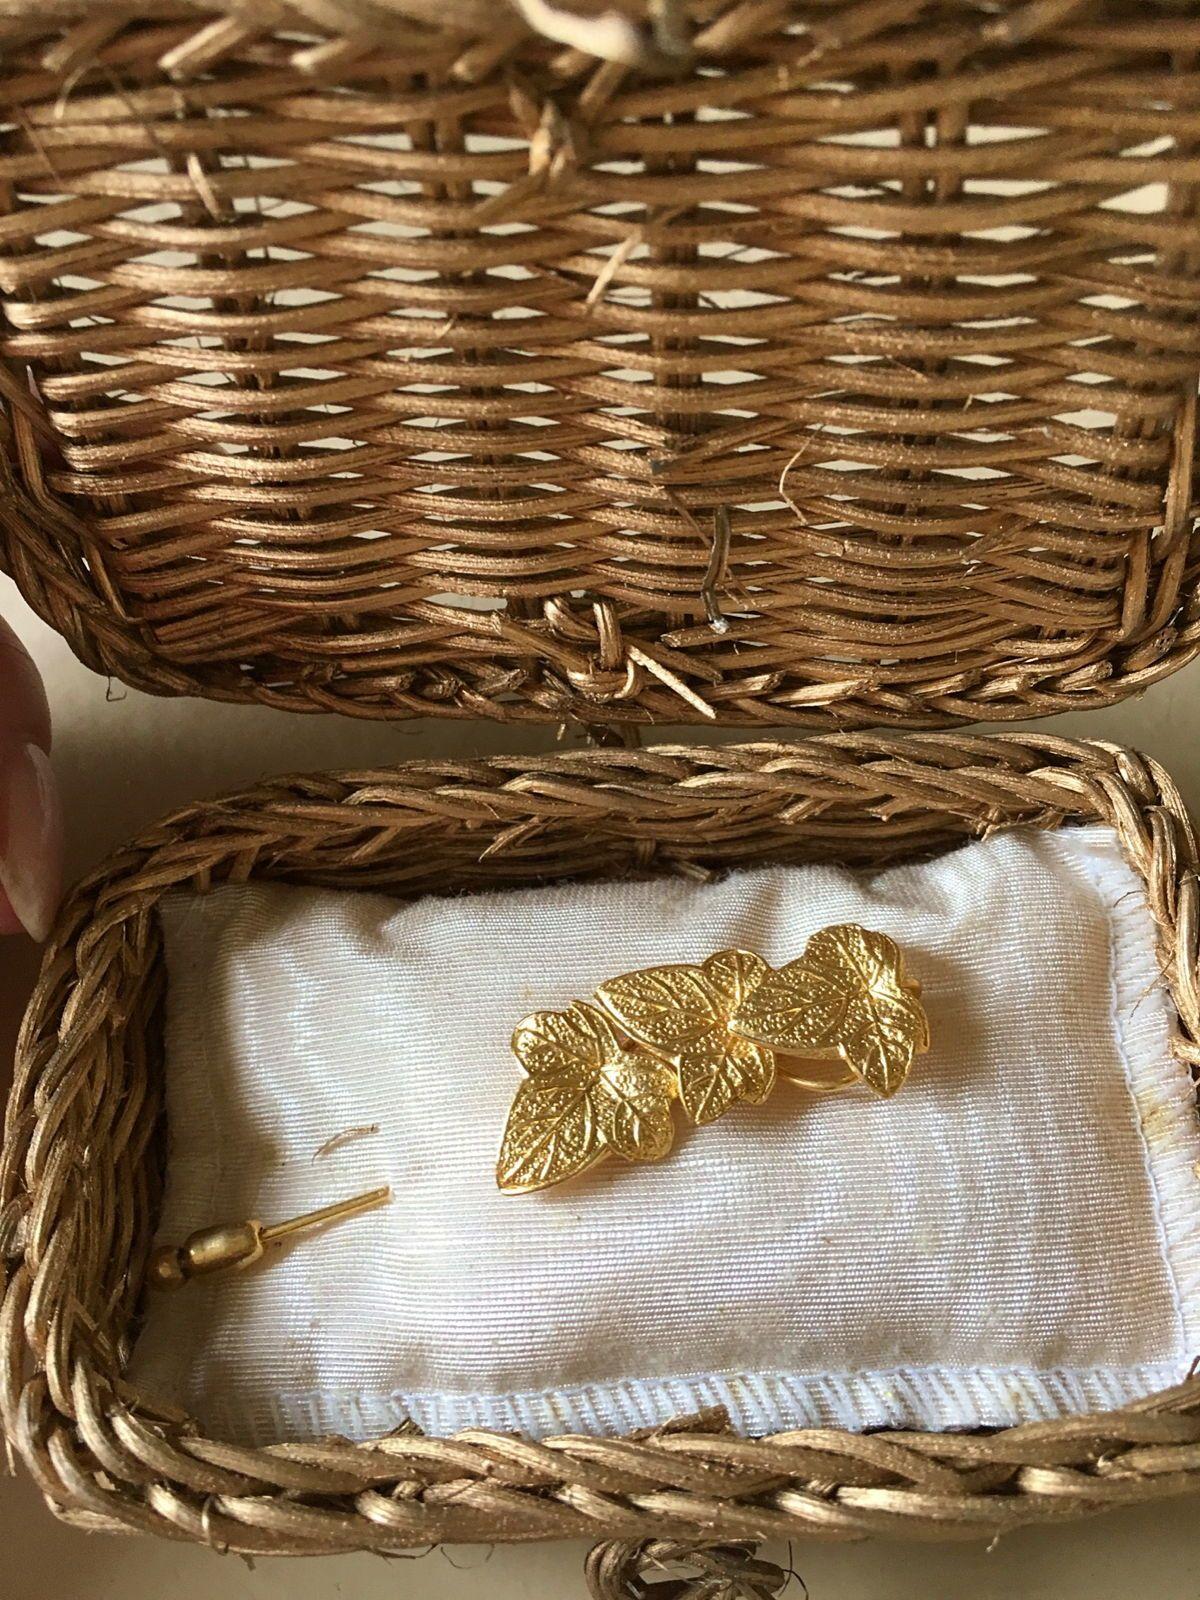 Vends adorable broche lierre, dorée a l'or fin dans sa présentation d'origine